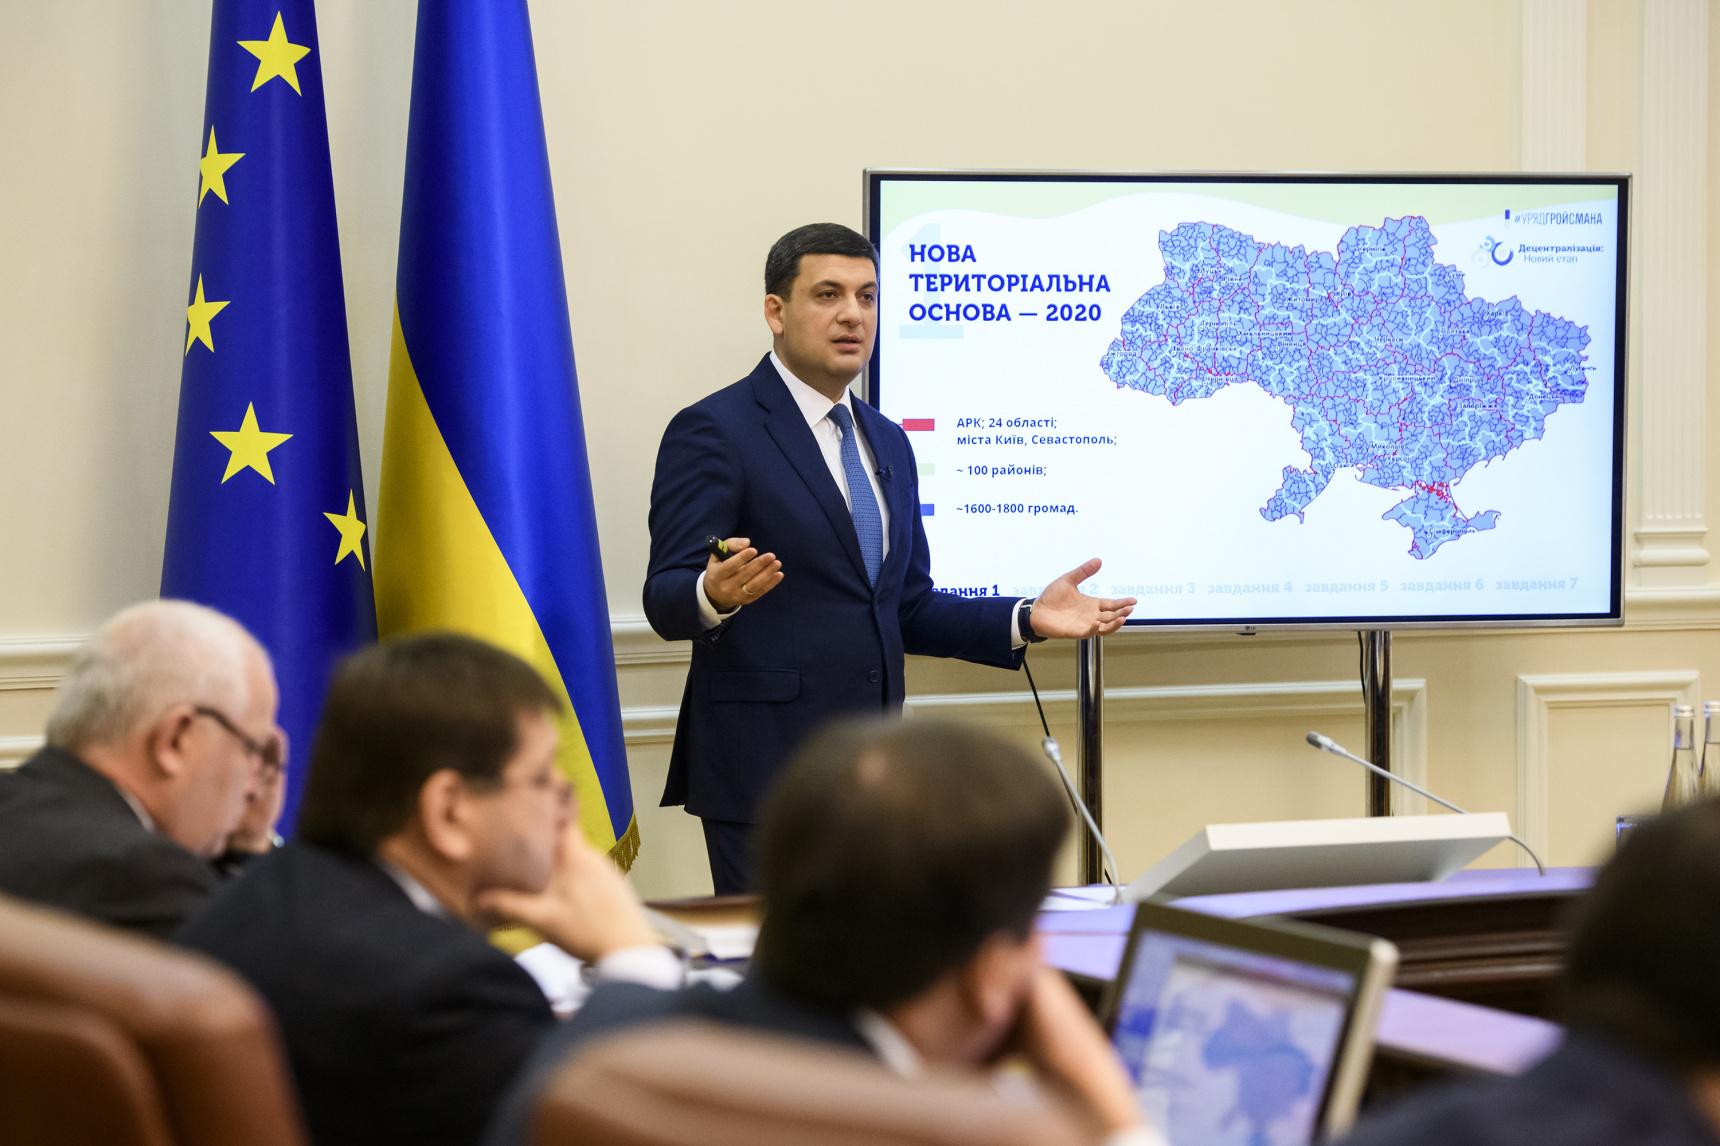 В Запорожской области будет ликвидирована областная и районные государственные администрации